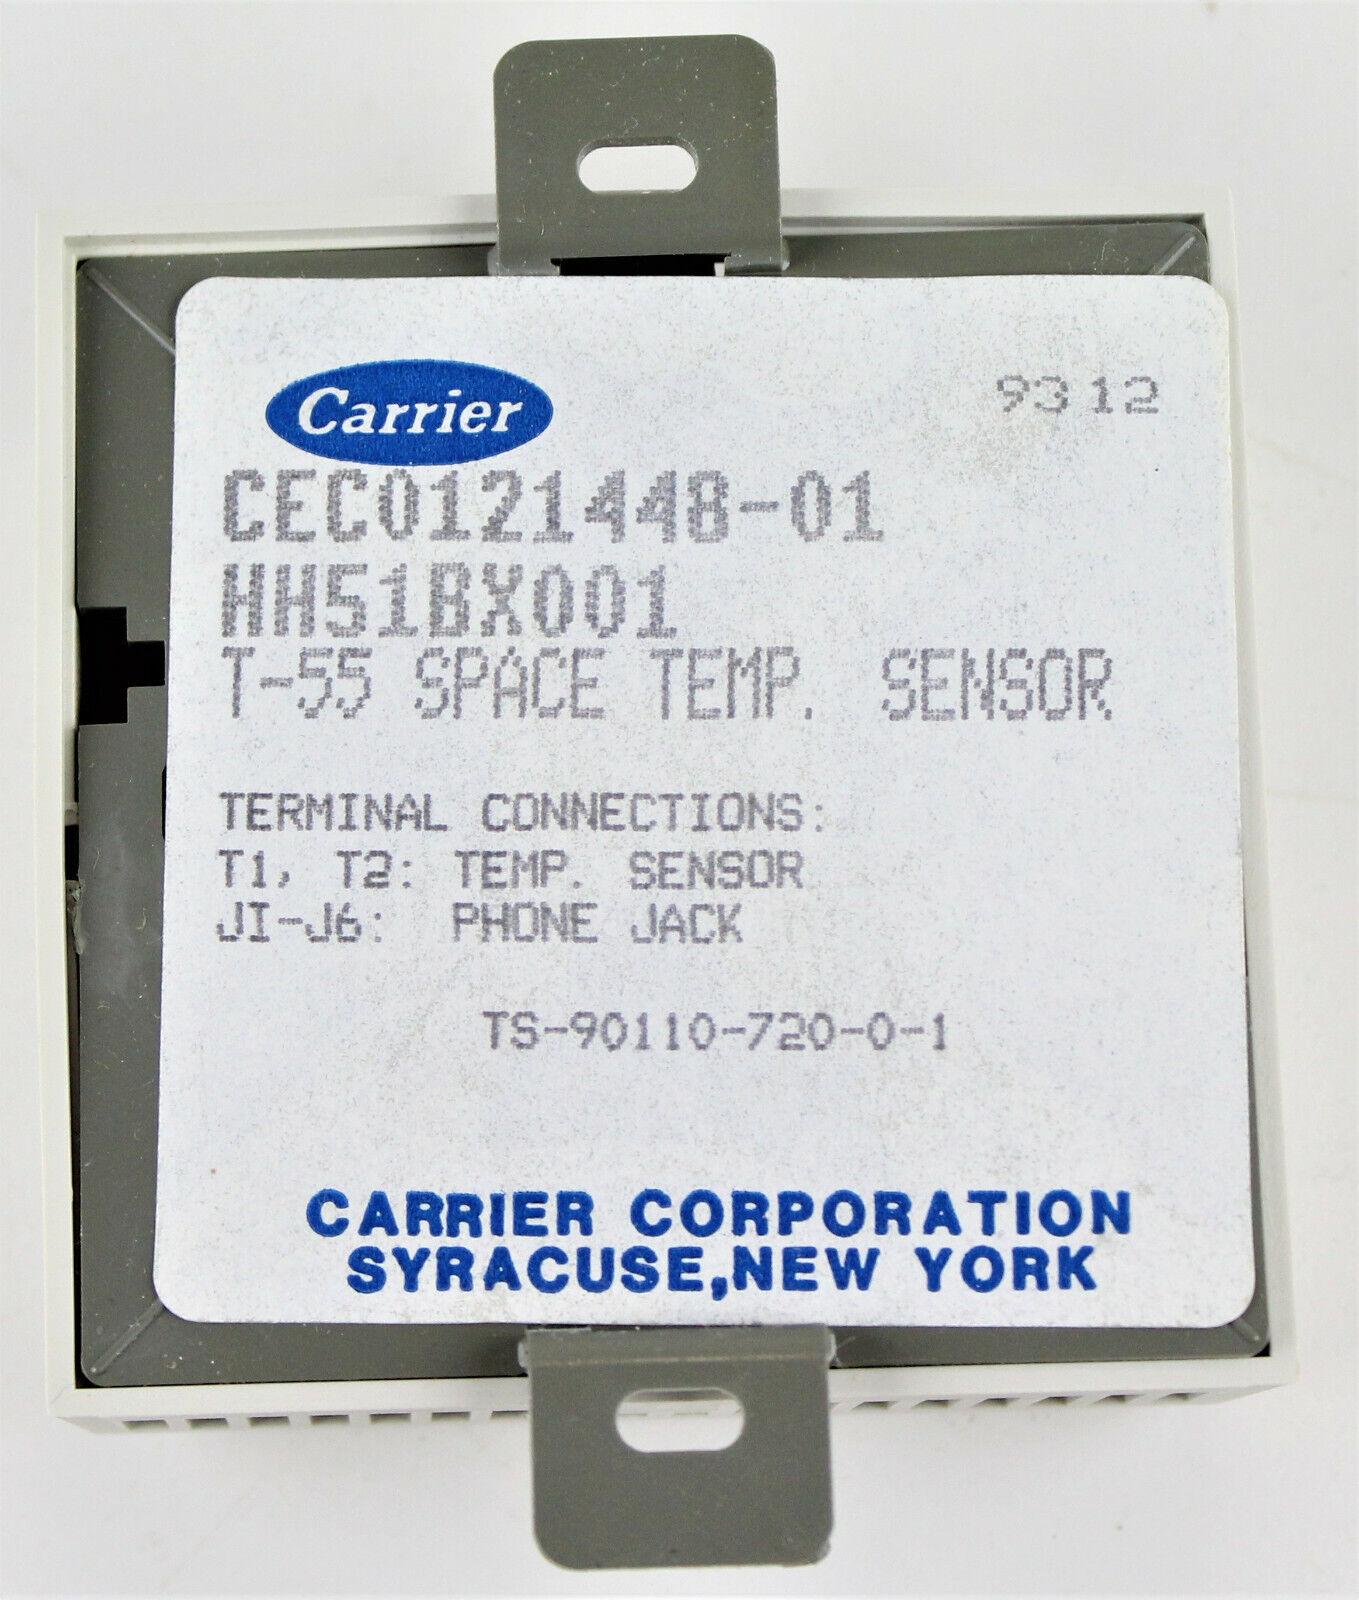 CARRIER CEC0121503-01//HH51BX004 T56 SPACE TEMPERATURE SENSOR